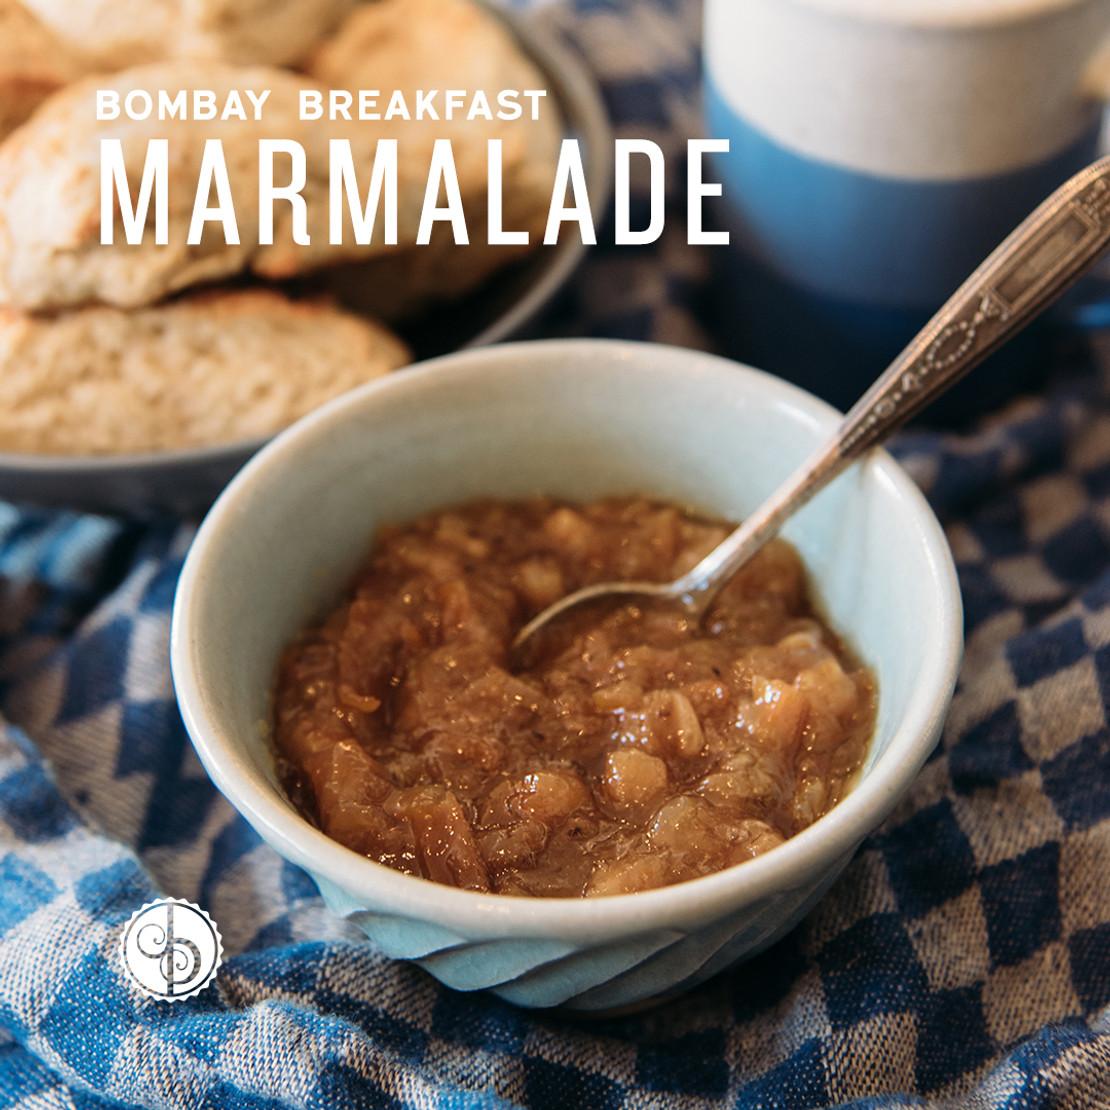 Bombay Breakfast Marmalade